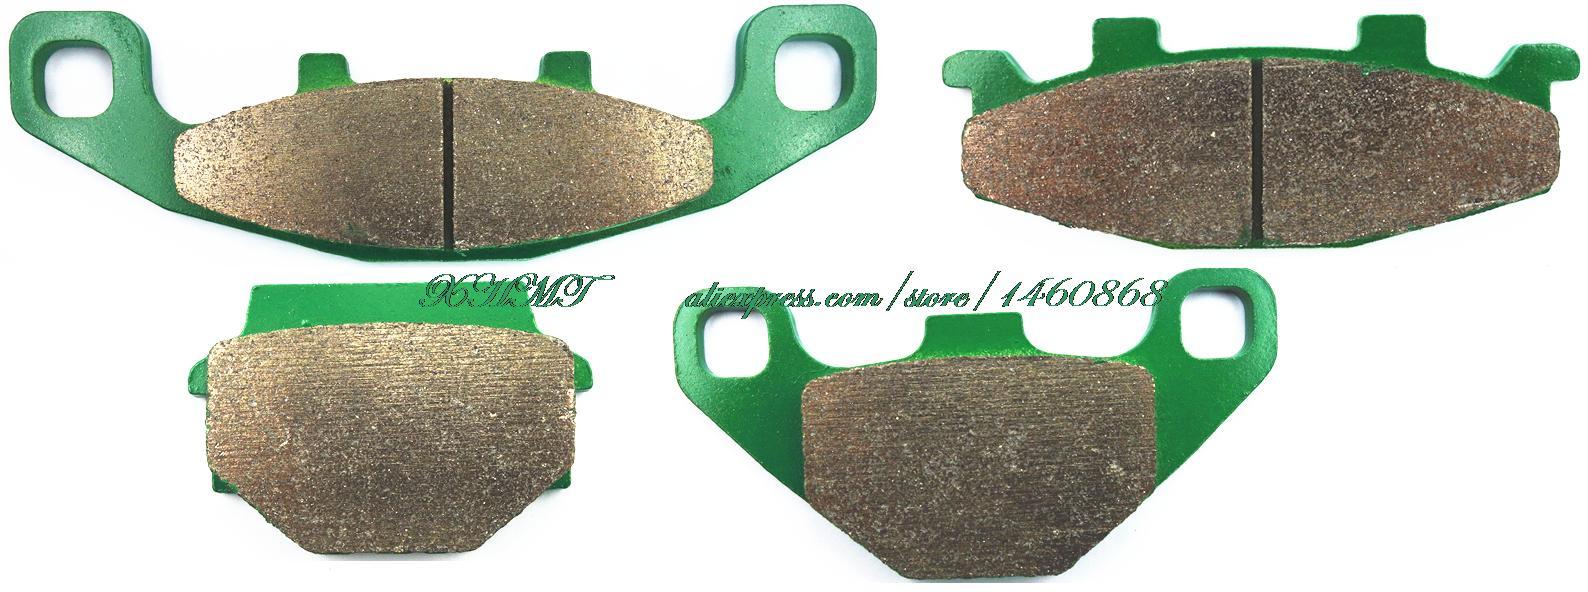 Тормозные колодки колодки комплект для Kawasaki KLE400 KLE500 КЛЕ 500 400 1991 и старше/ KLE600 КЛЕ 600 1992 и старше/ EX250 ex на 250 Н1 - Н2 1990 и выше